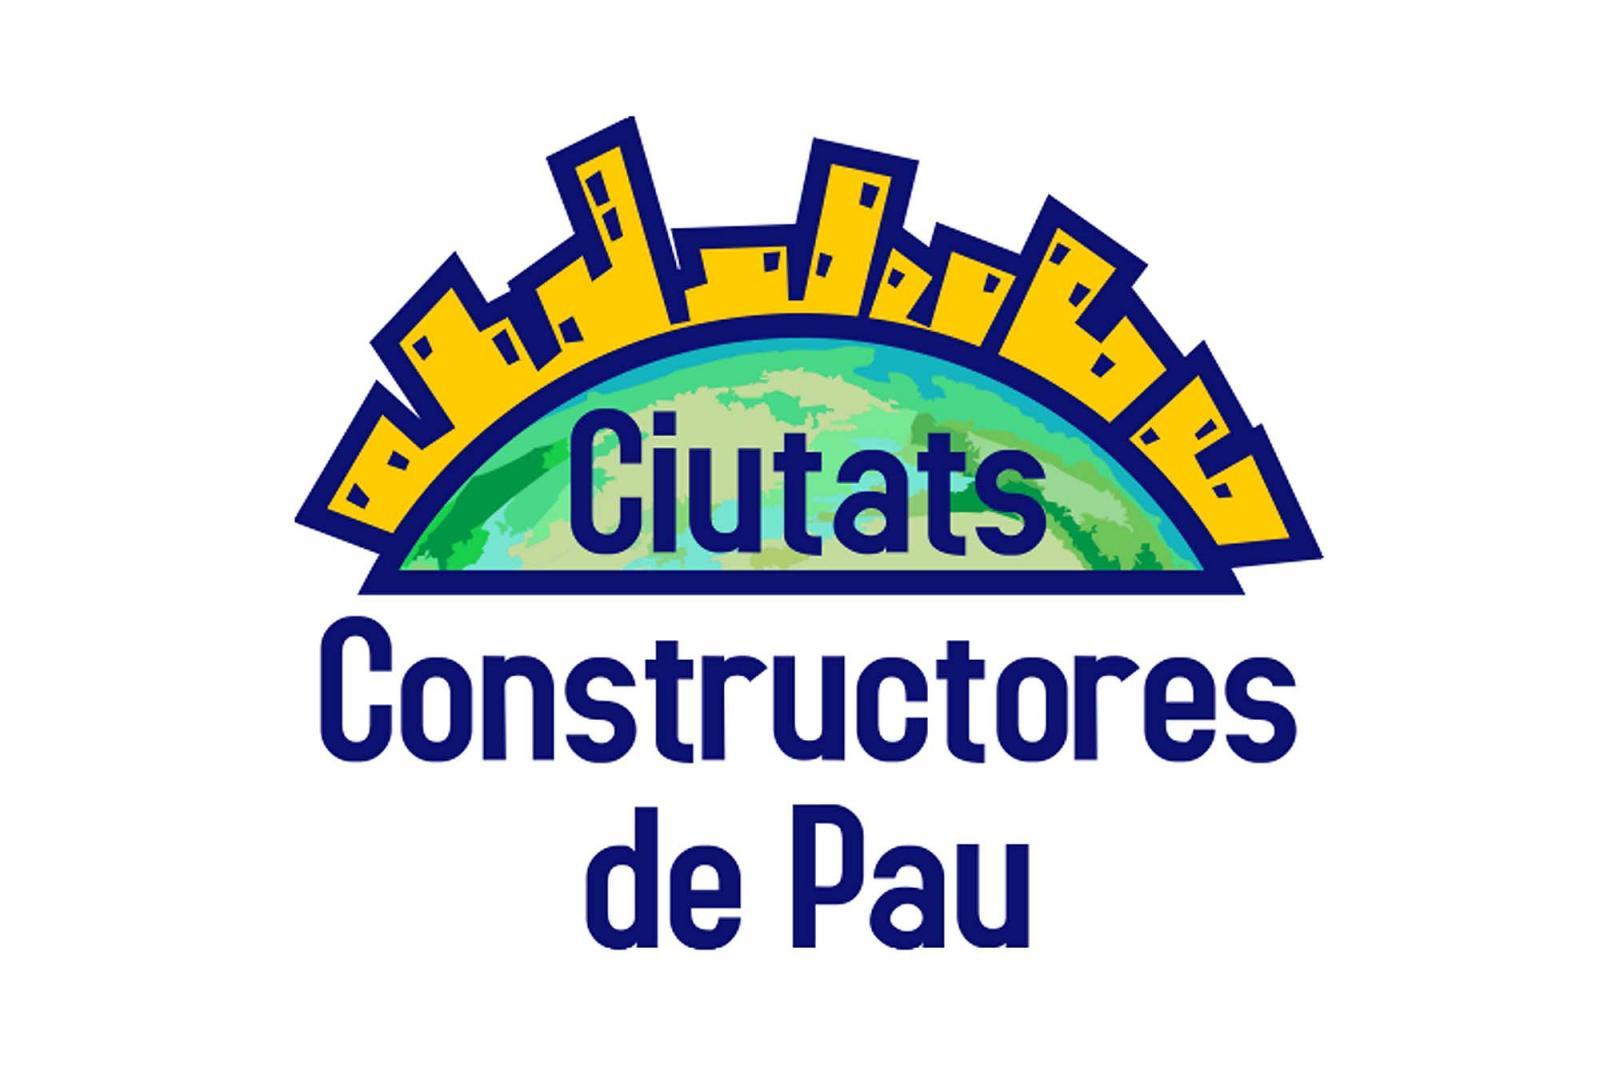 Logotip de Ciutats Constructores de Pau